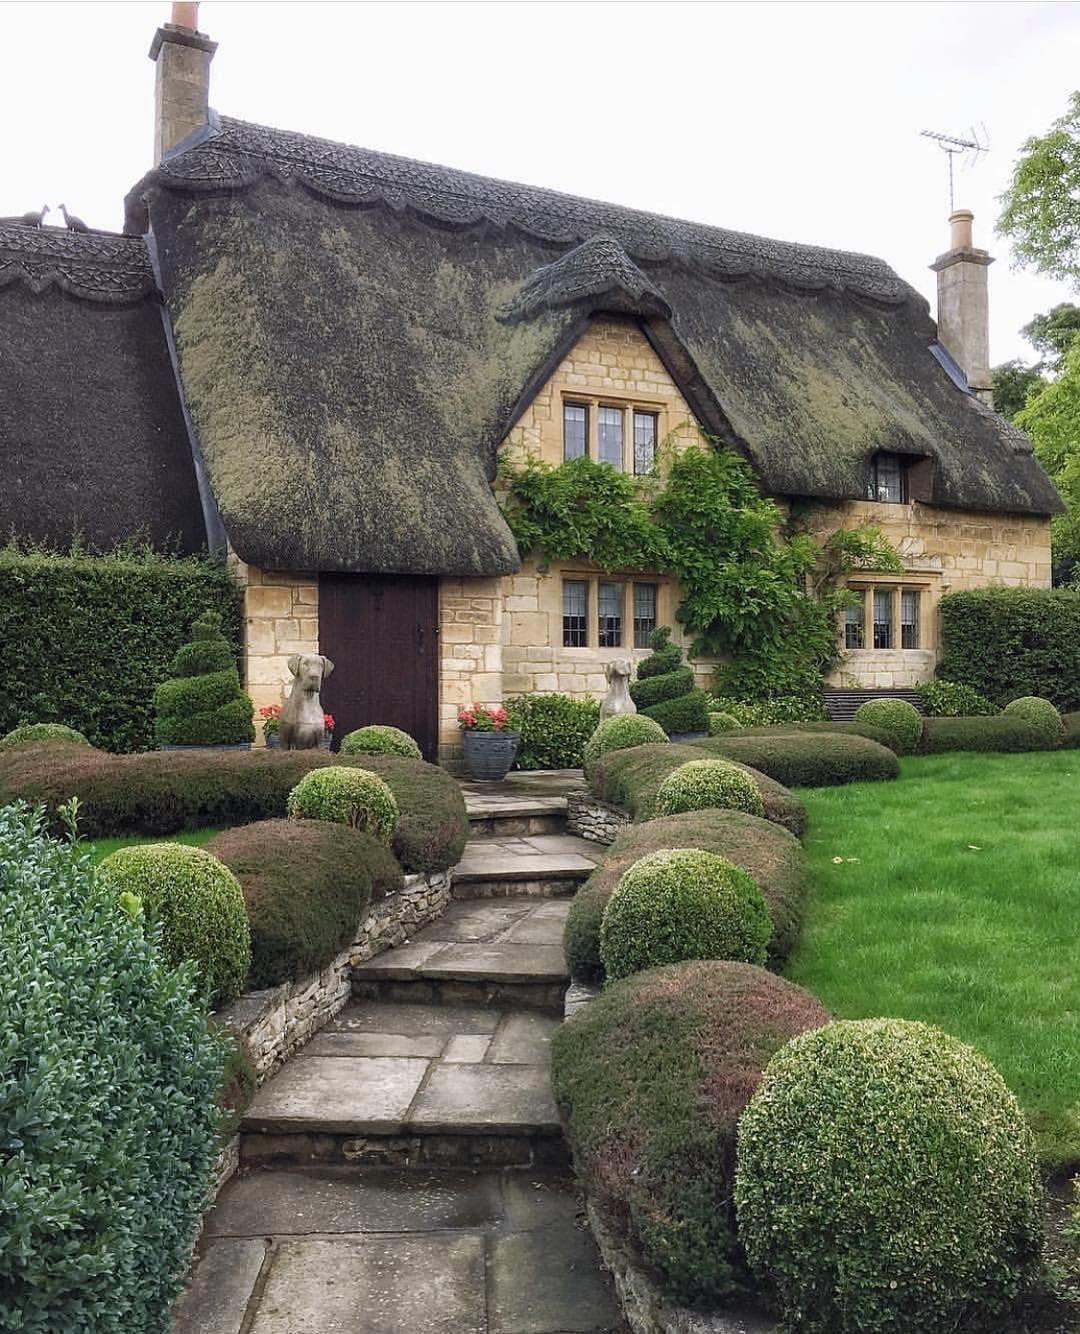 . landscapearquitecture Hütten im englischen stil